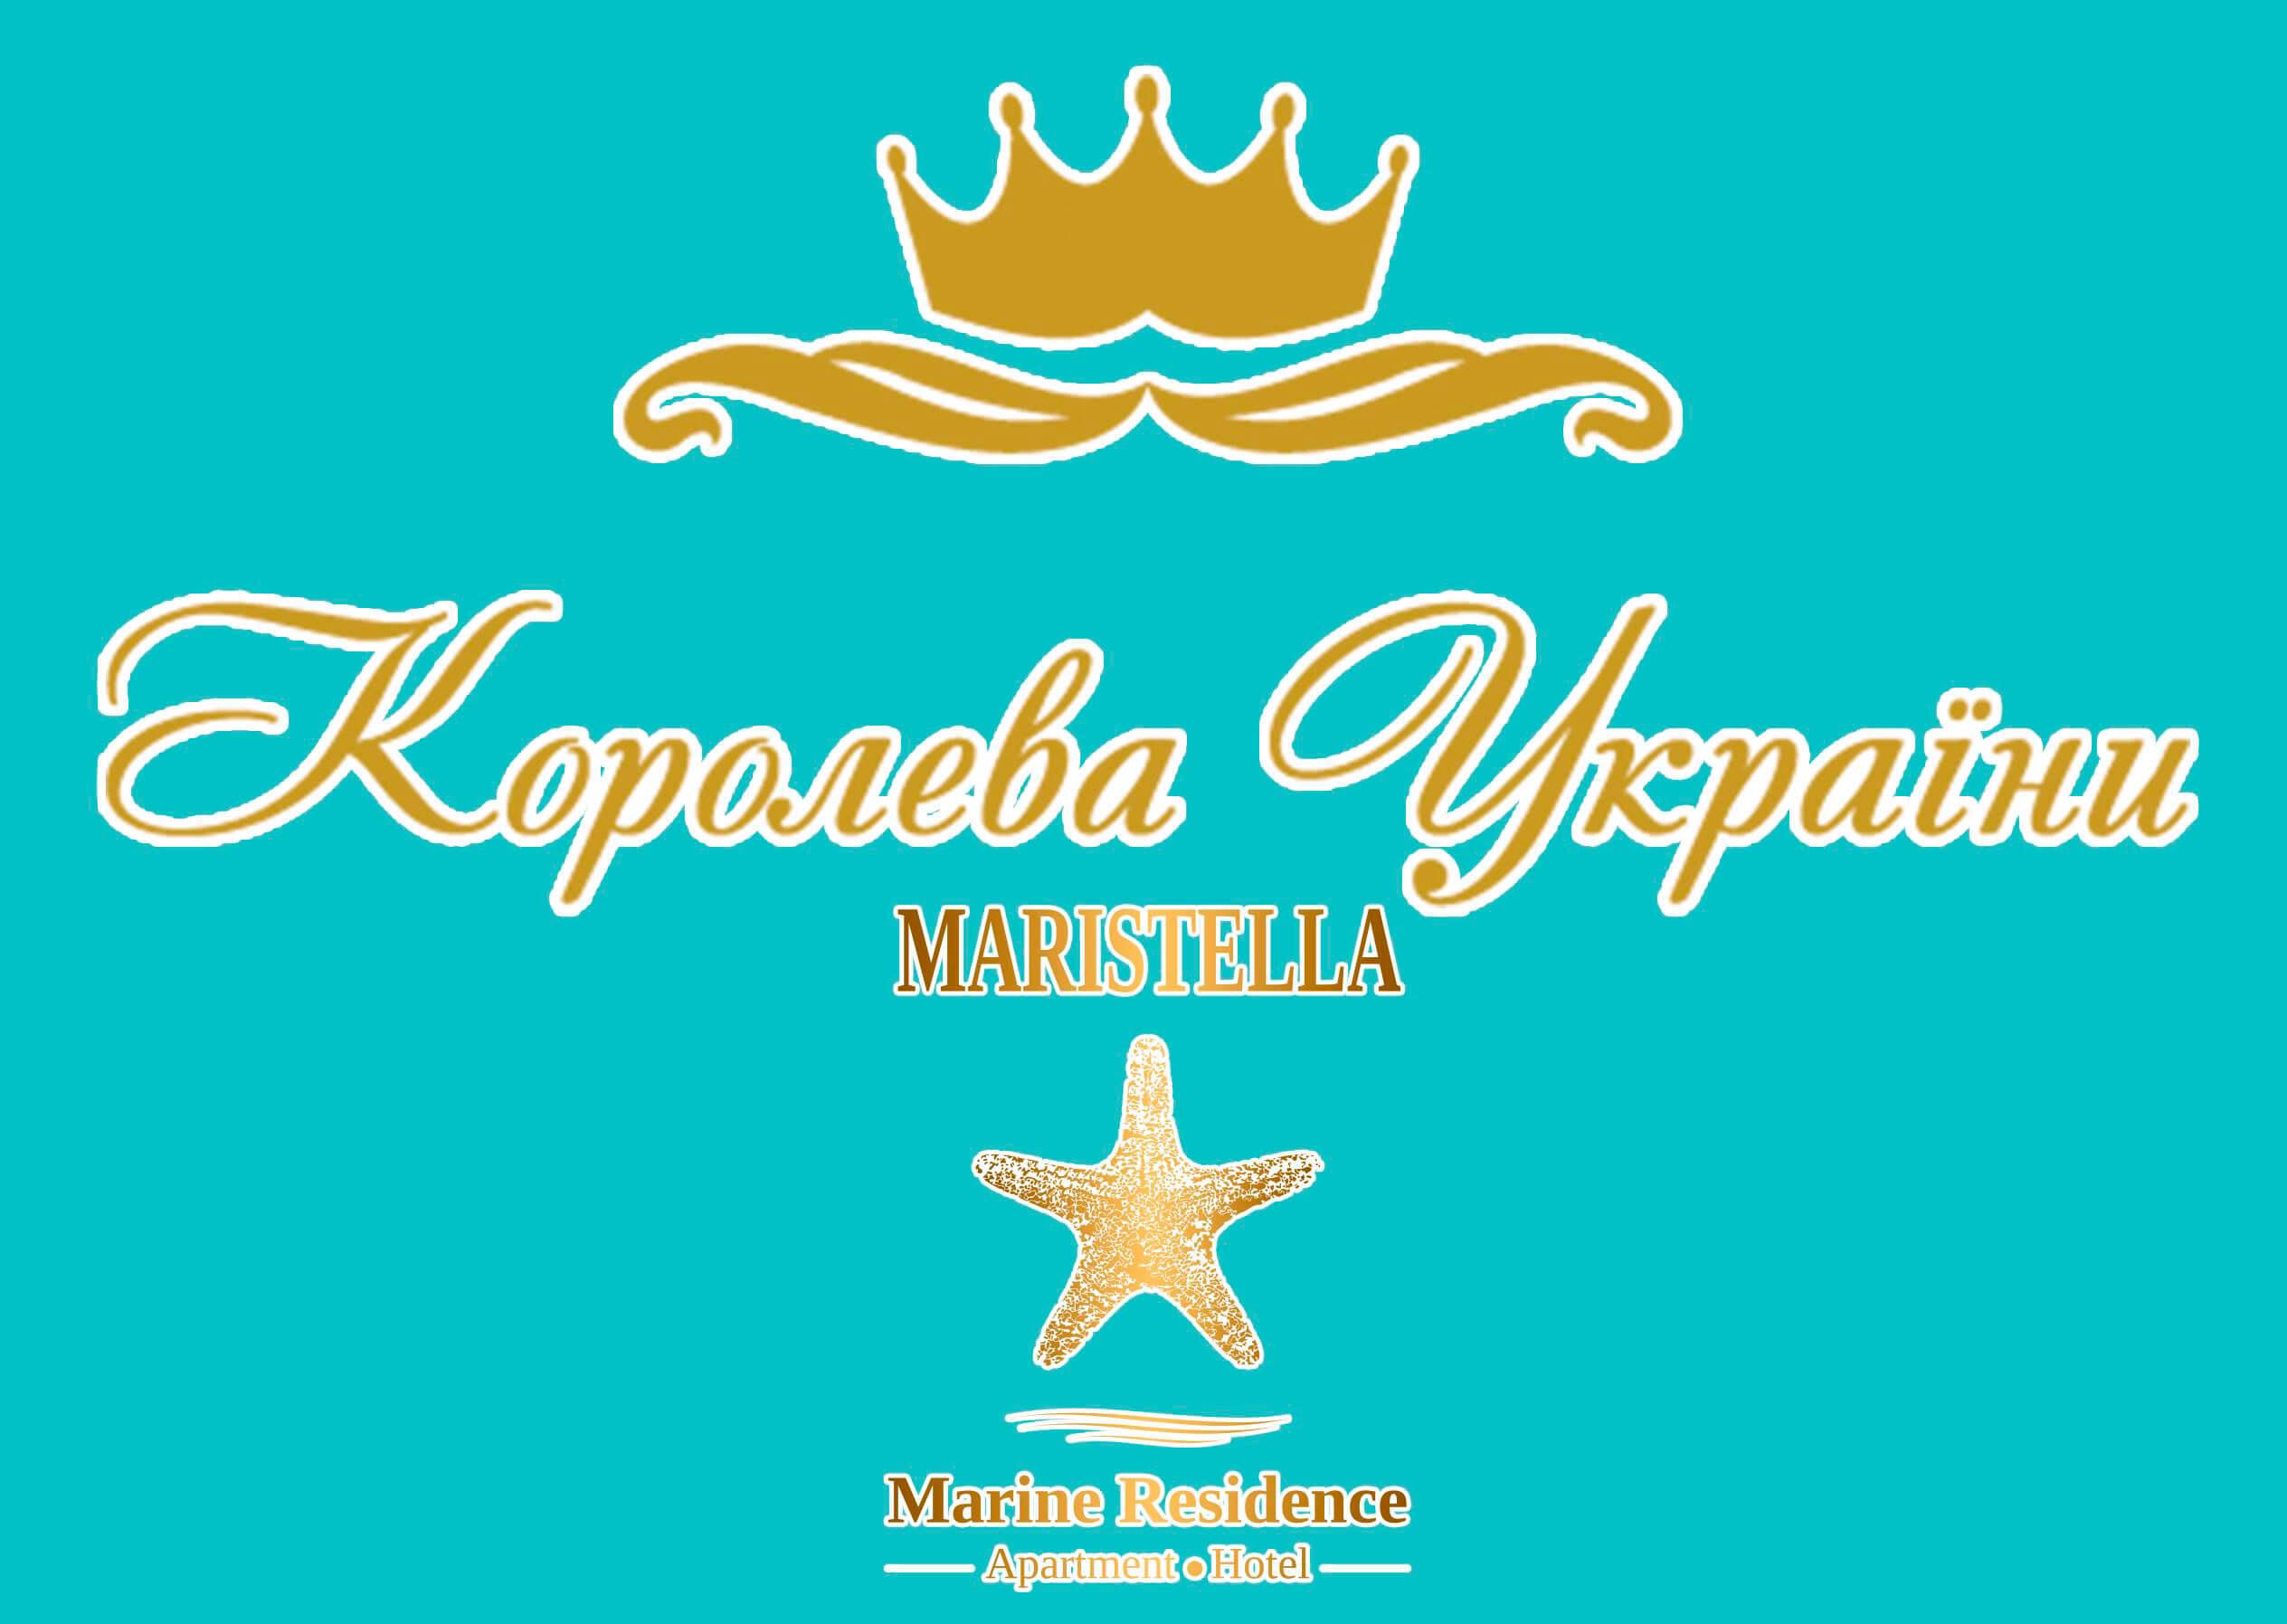 maristella project meets the queen of ukraine 2016